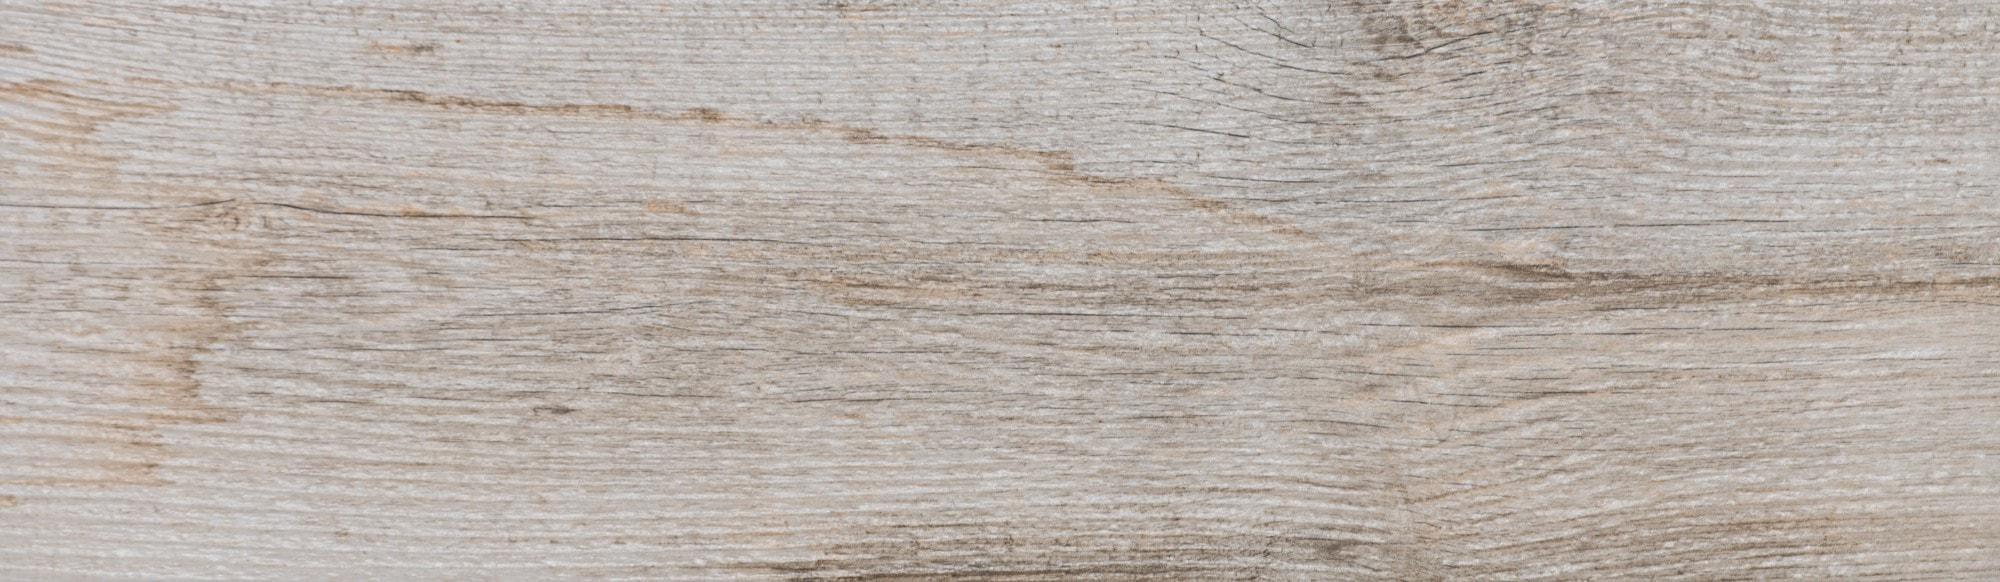 Płytka podłogowa Cerrad Tilia Desert 60x17,5cm 25694